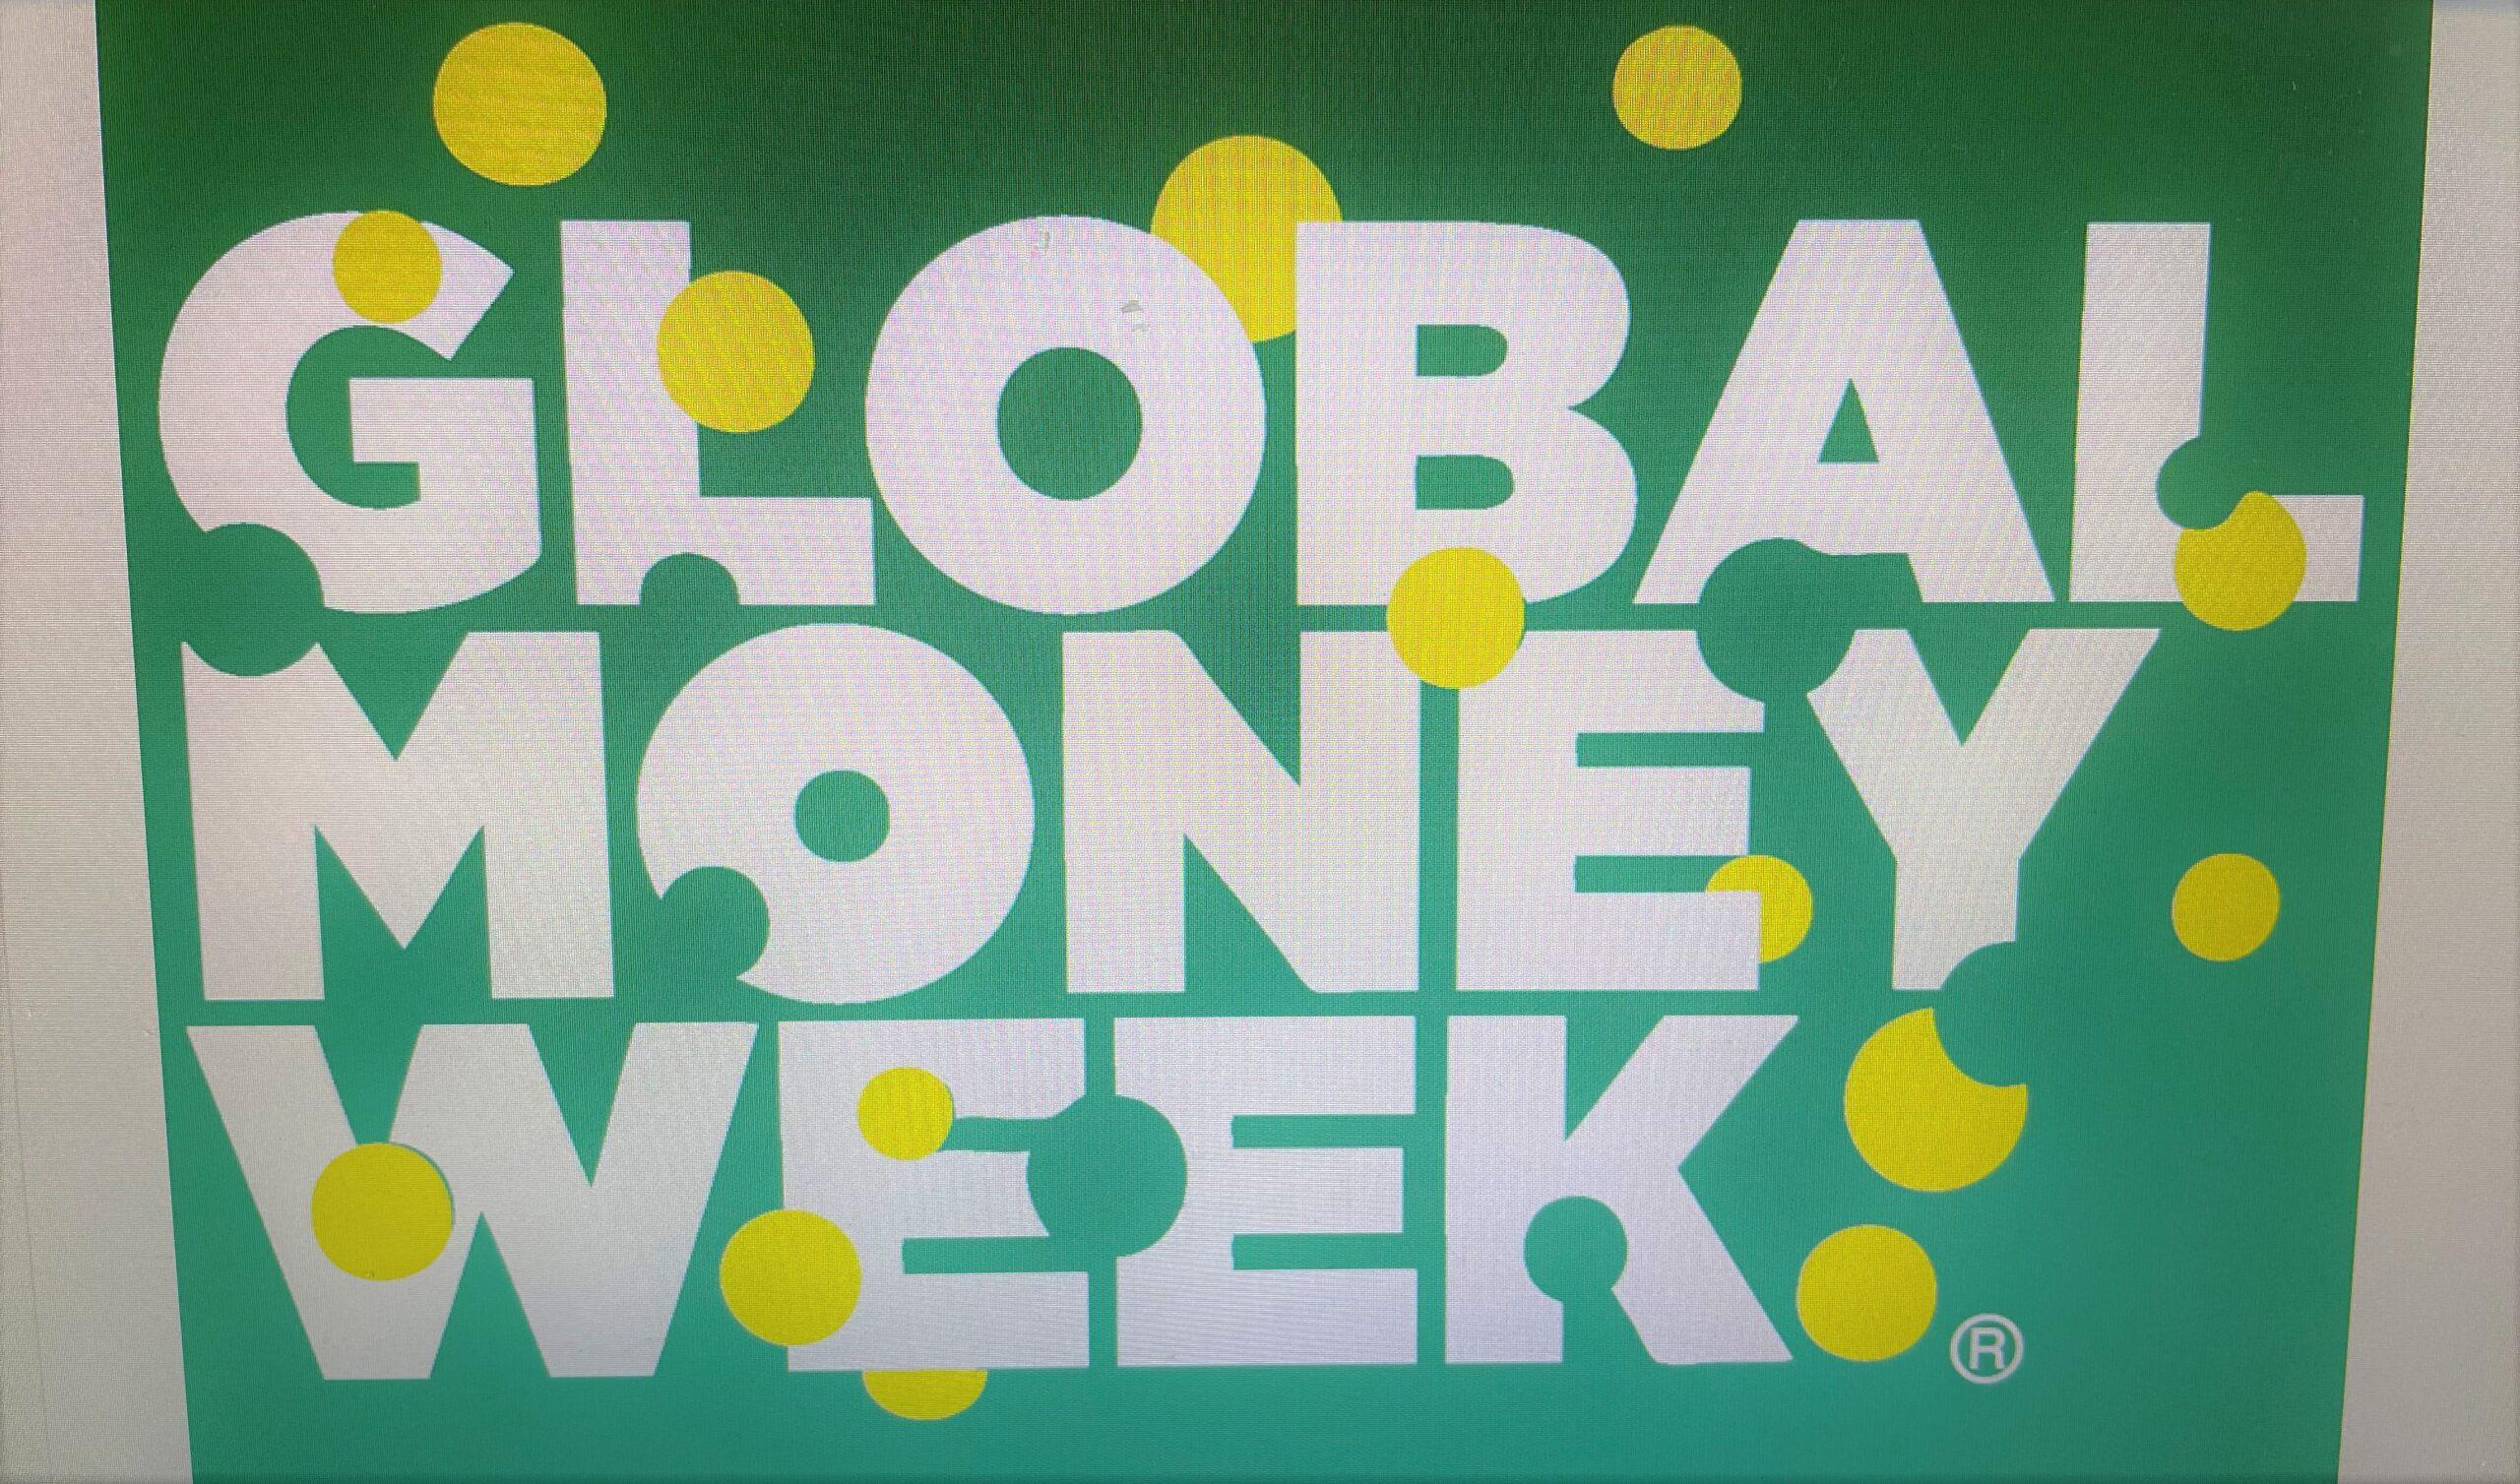 Ilustracja przedstawiająca logo Konkursu wiedzy o finansach